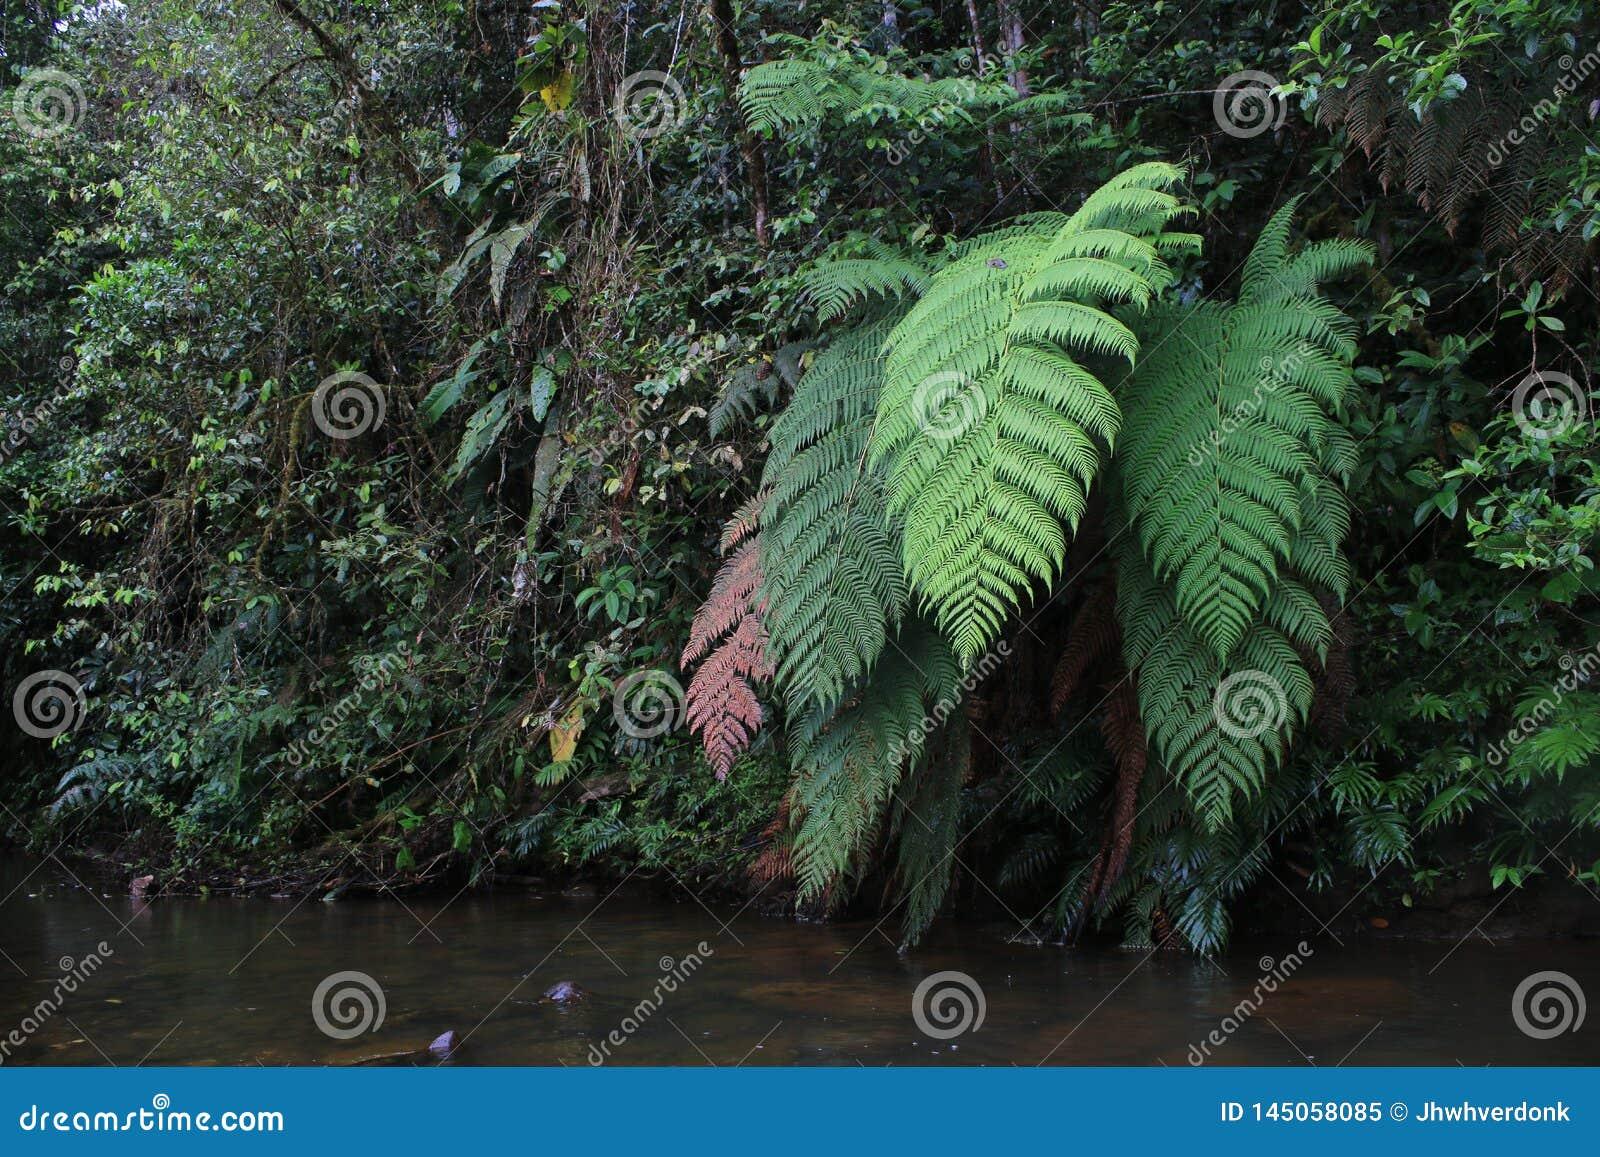 Colori differenti delle felci enormi accanto ad un fiume in foresta pluviale tropicale